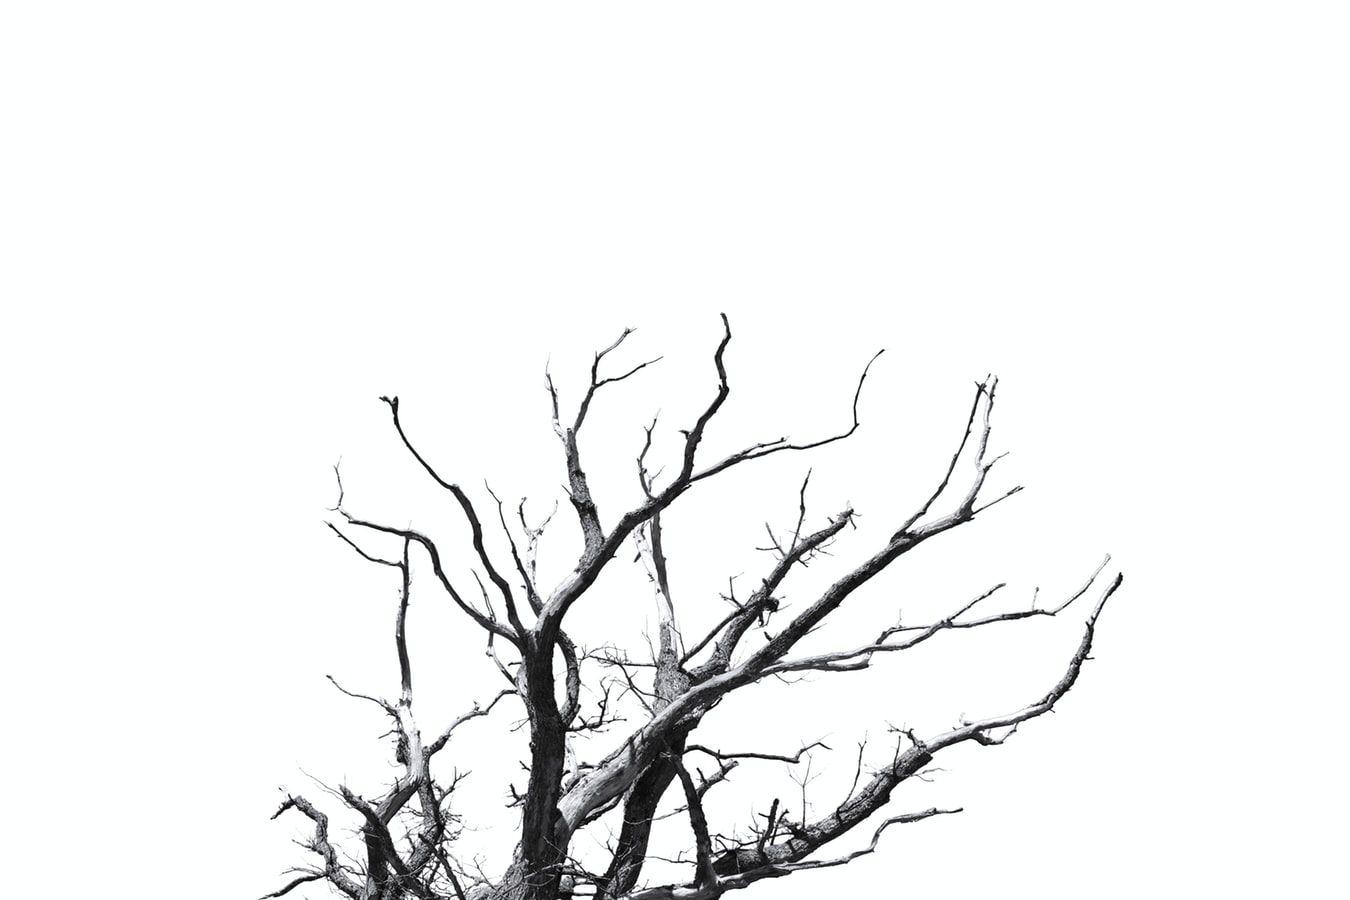 Деревья без листьев выдадут расстроенного человека